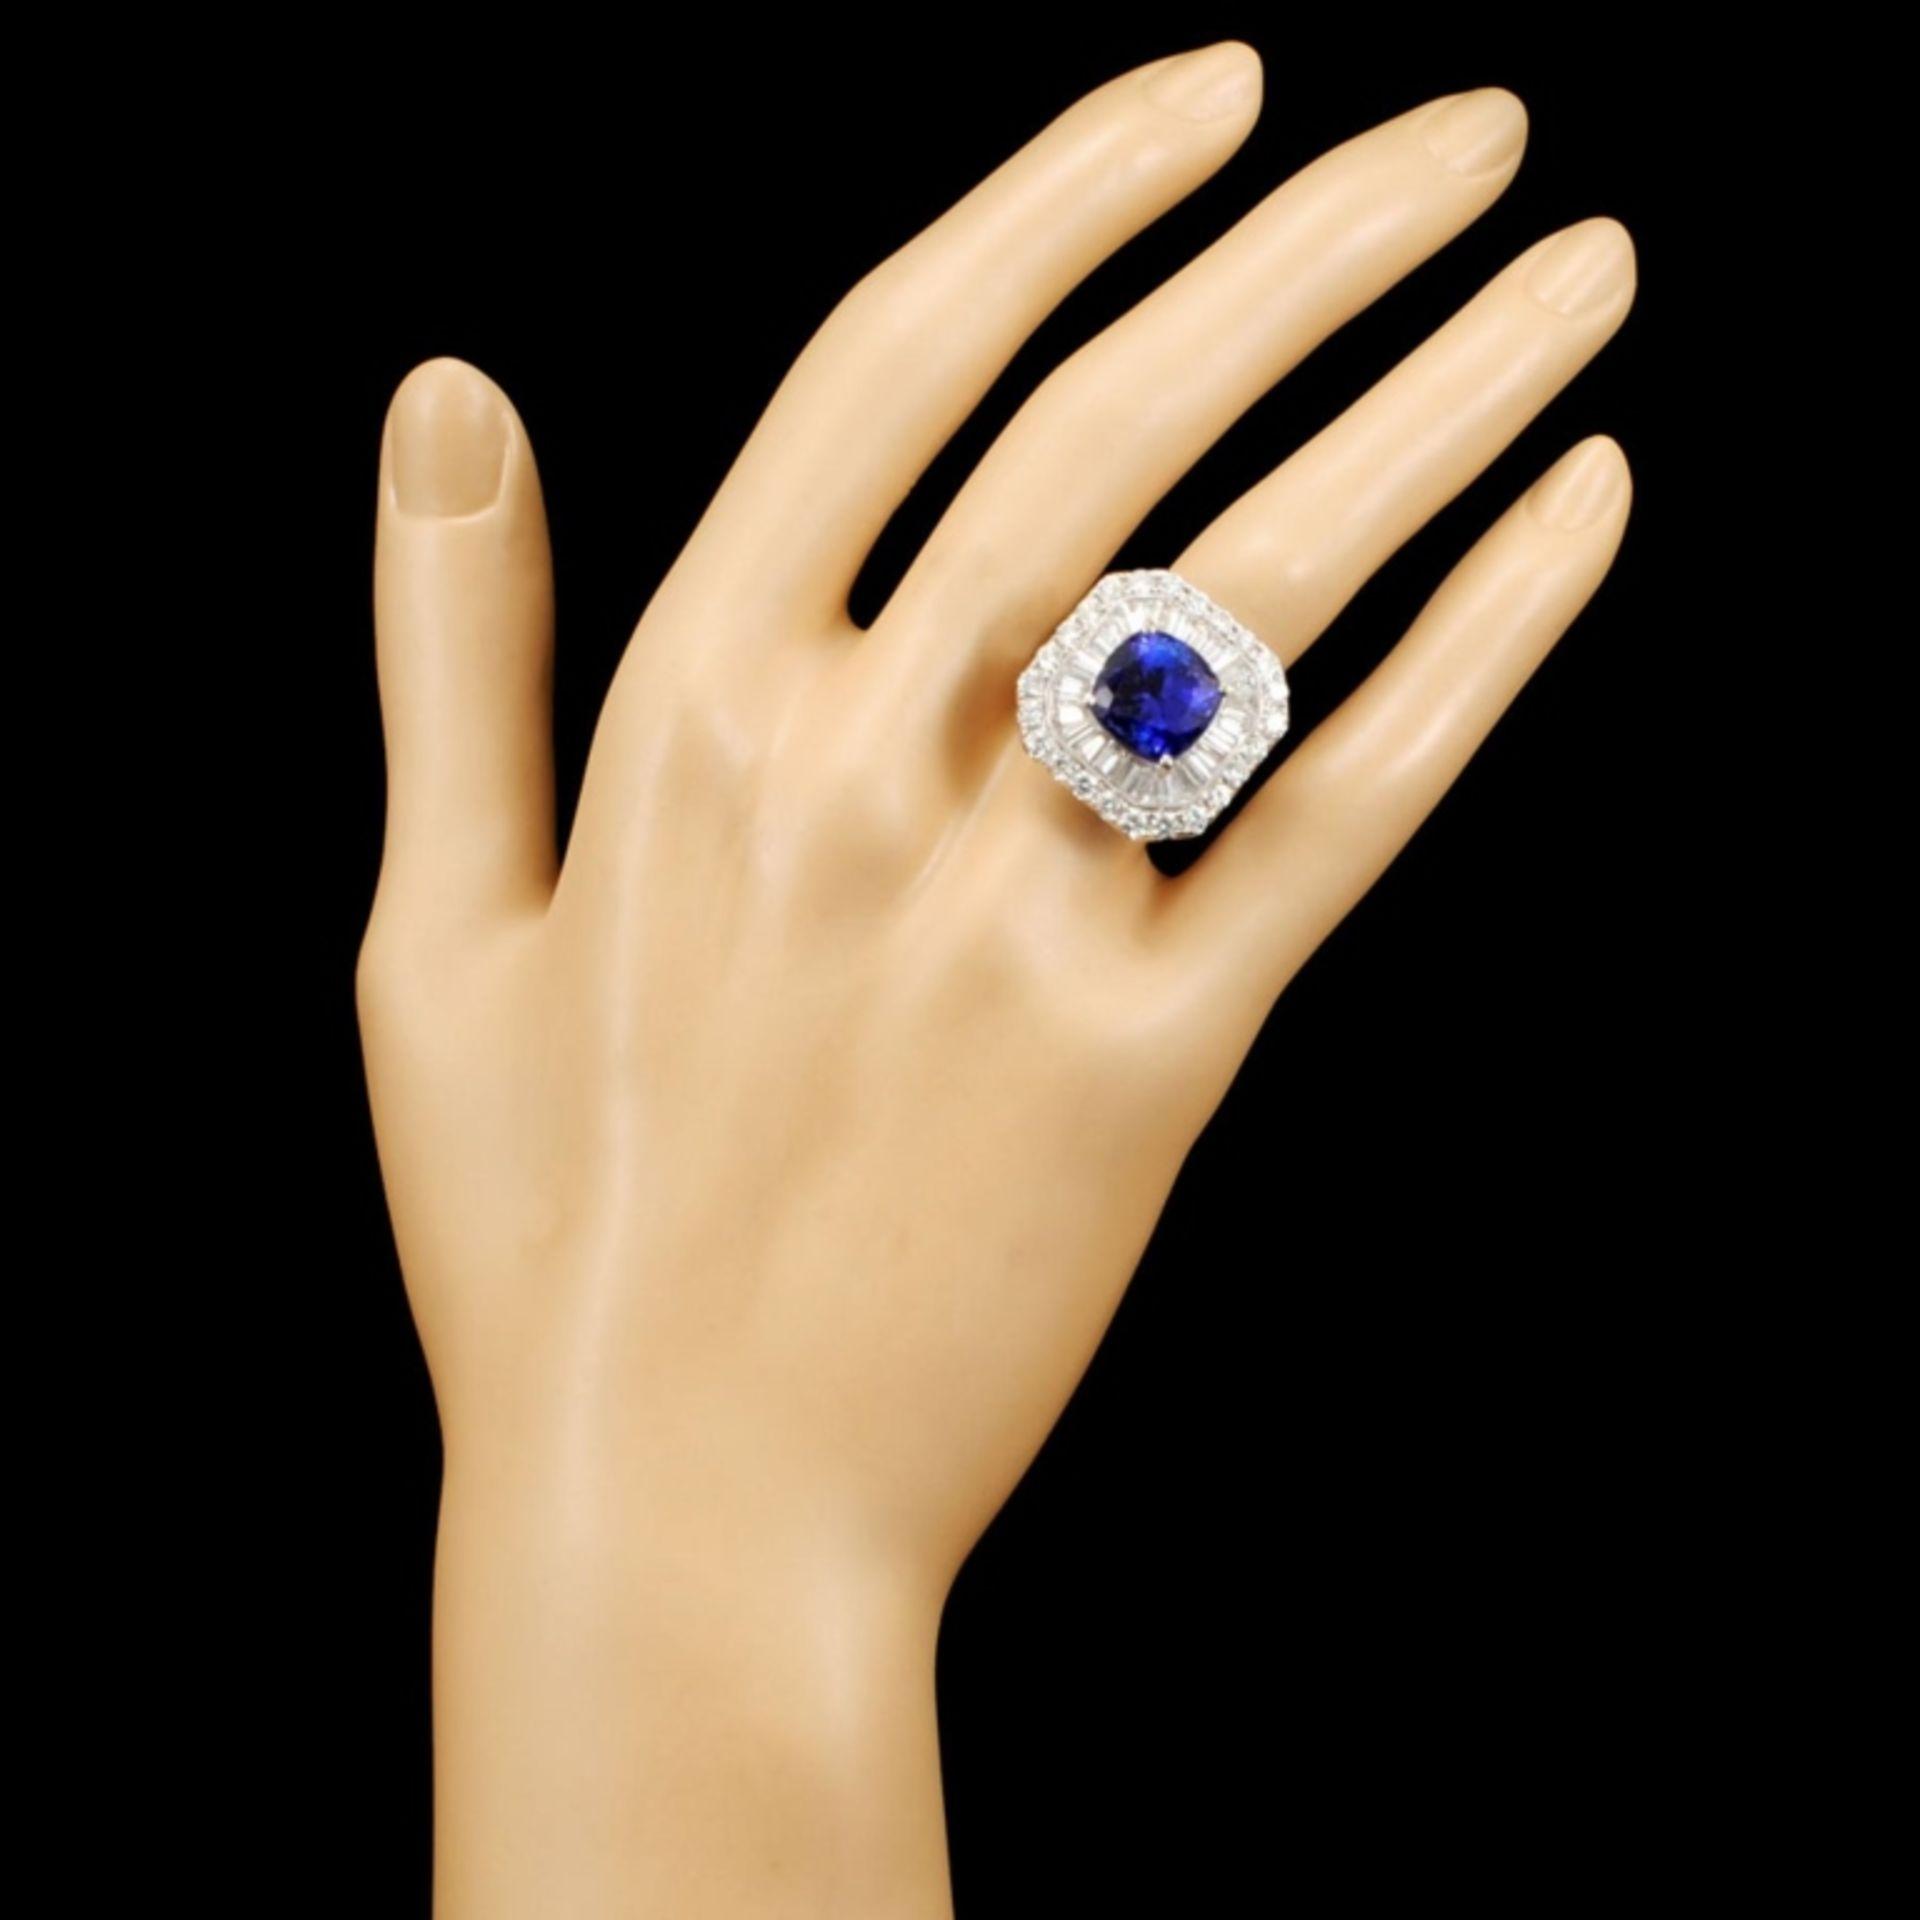 18K Gold 7.60ct Tanzanite & 3.33ctw Diamond Ring - Image 4 of 5